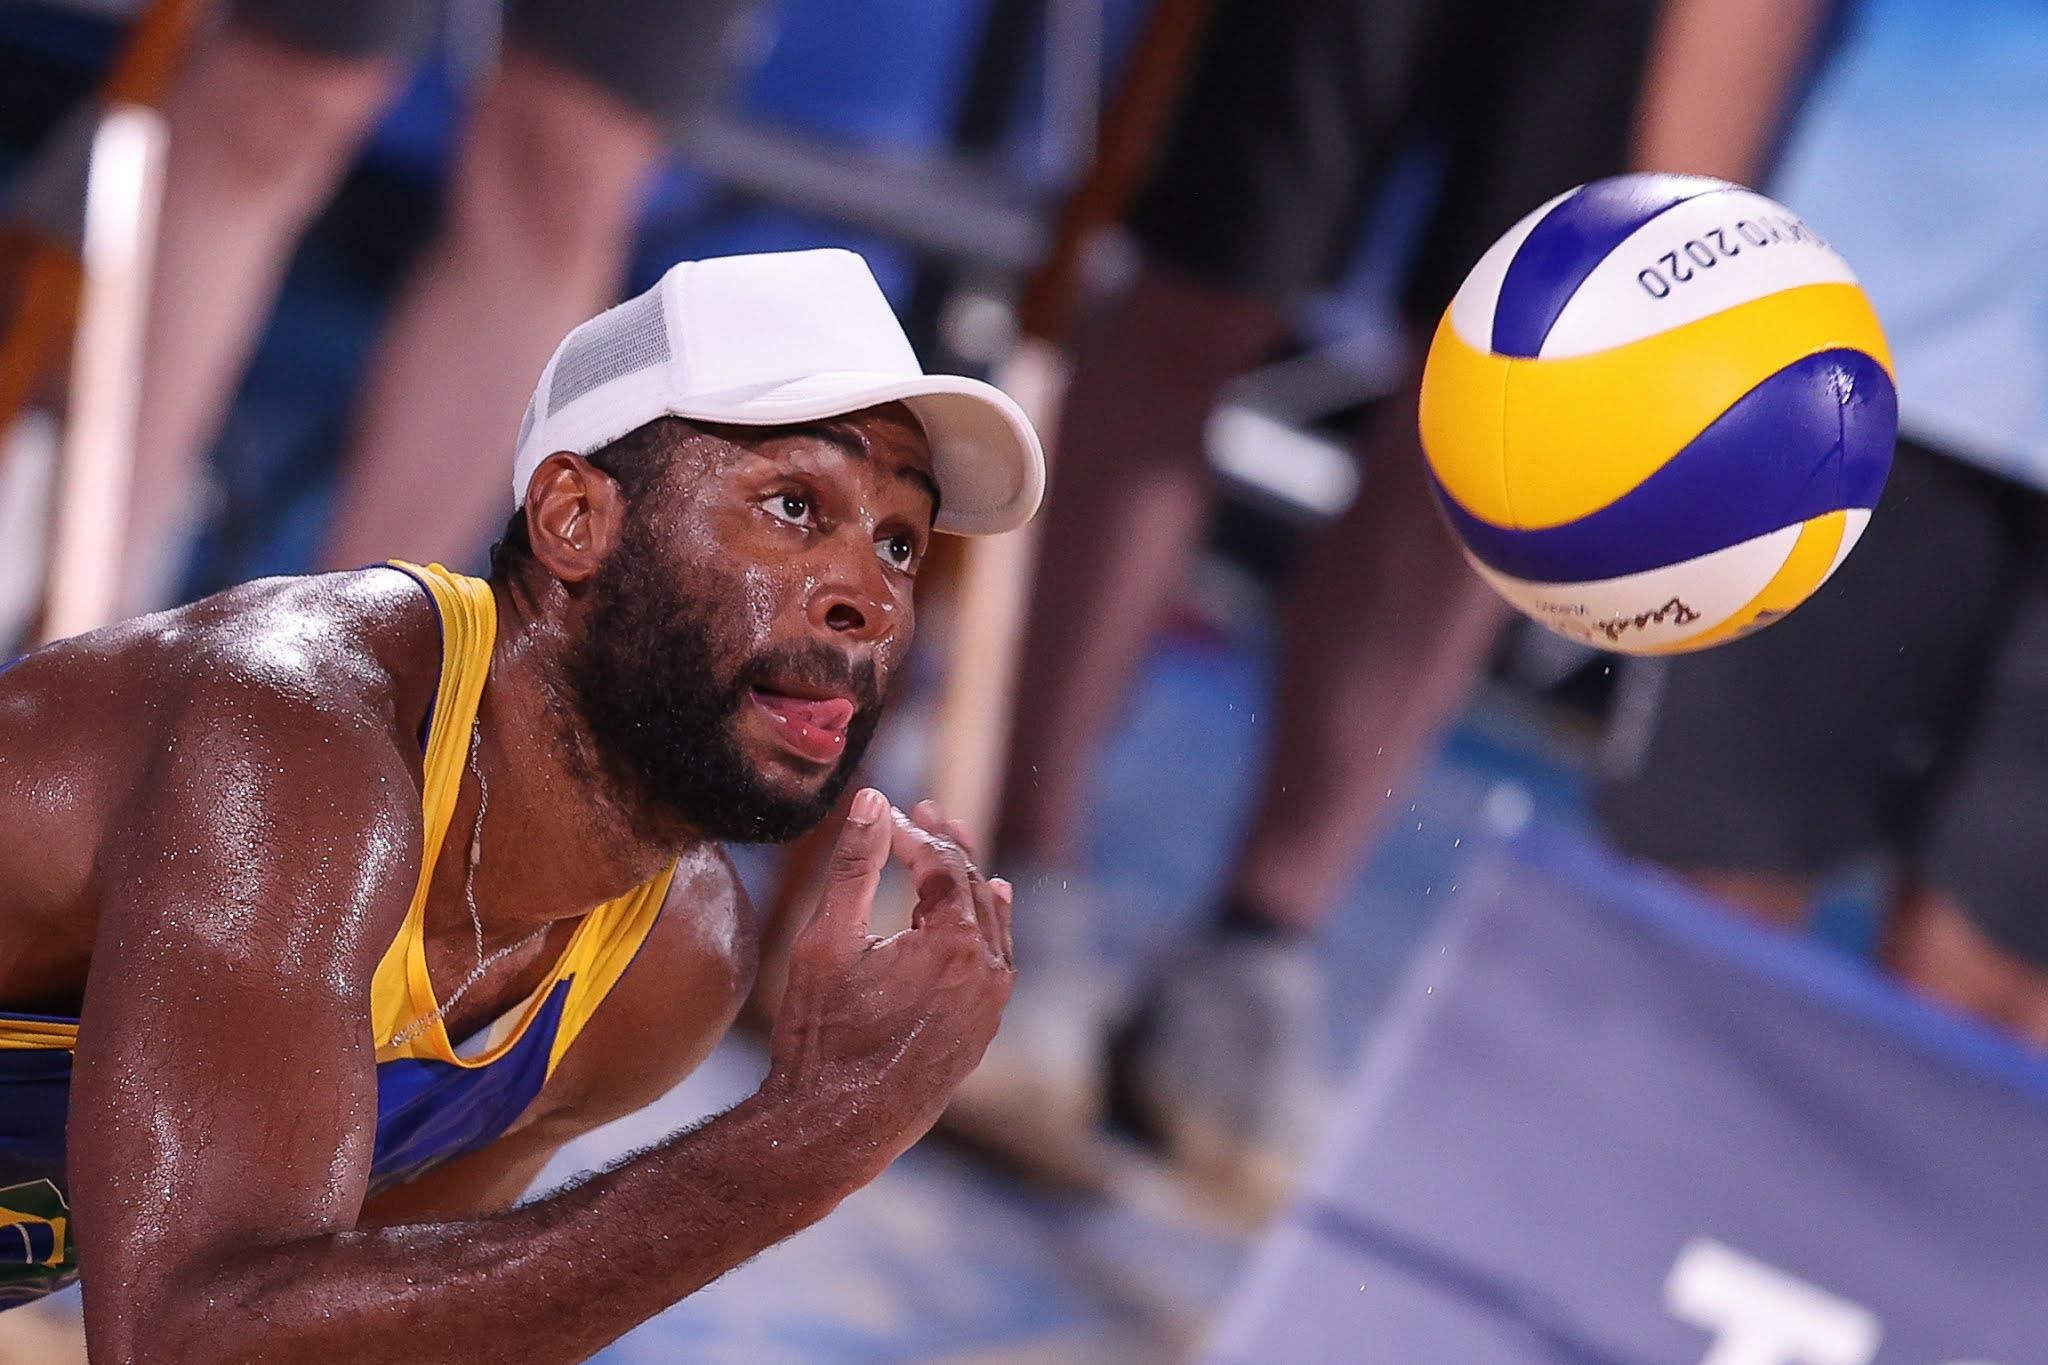 Evandro olhando fixamente para a bola enquanto se prepara para sacar